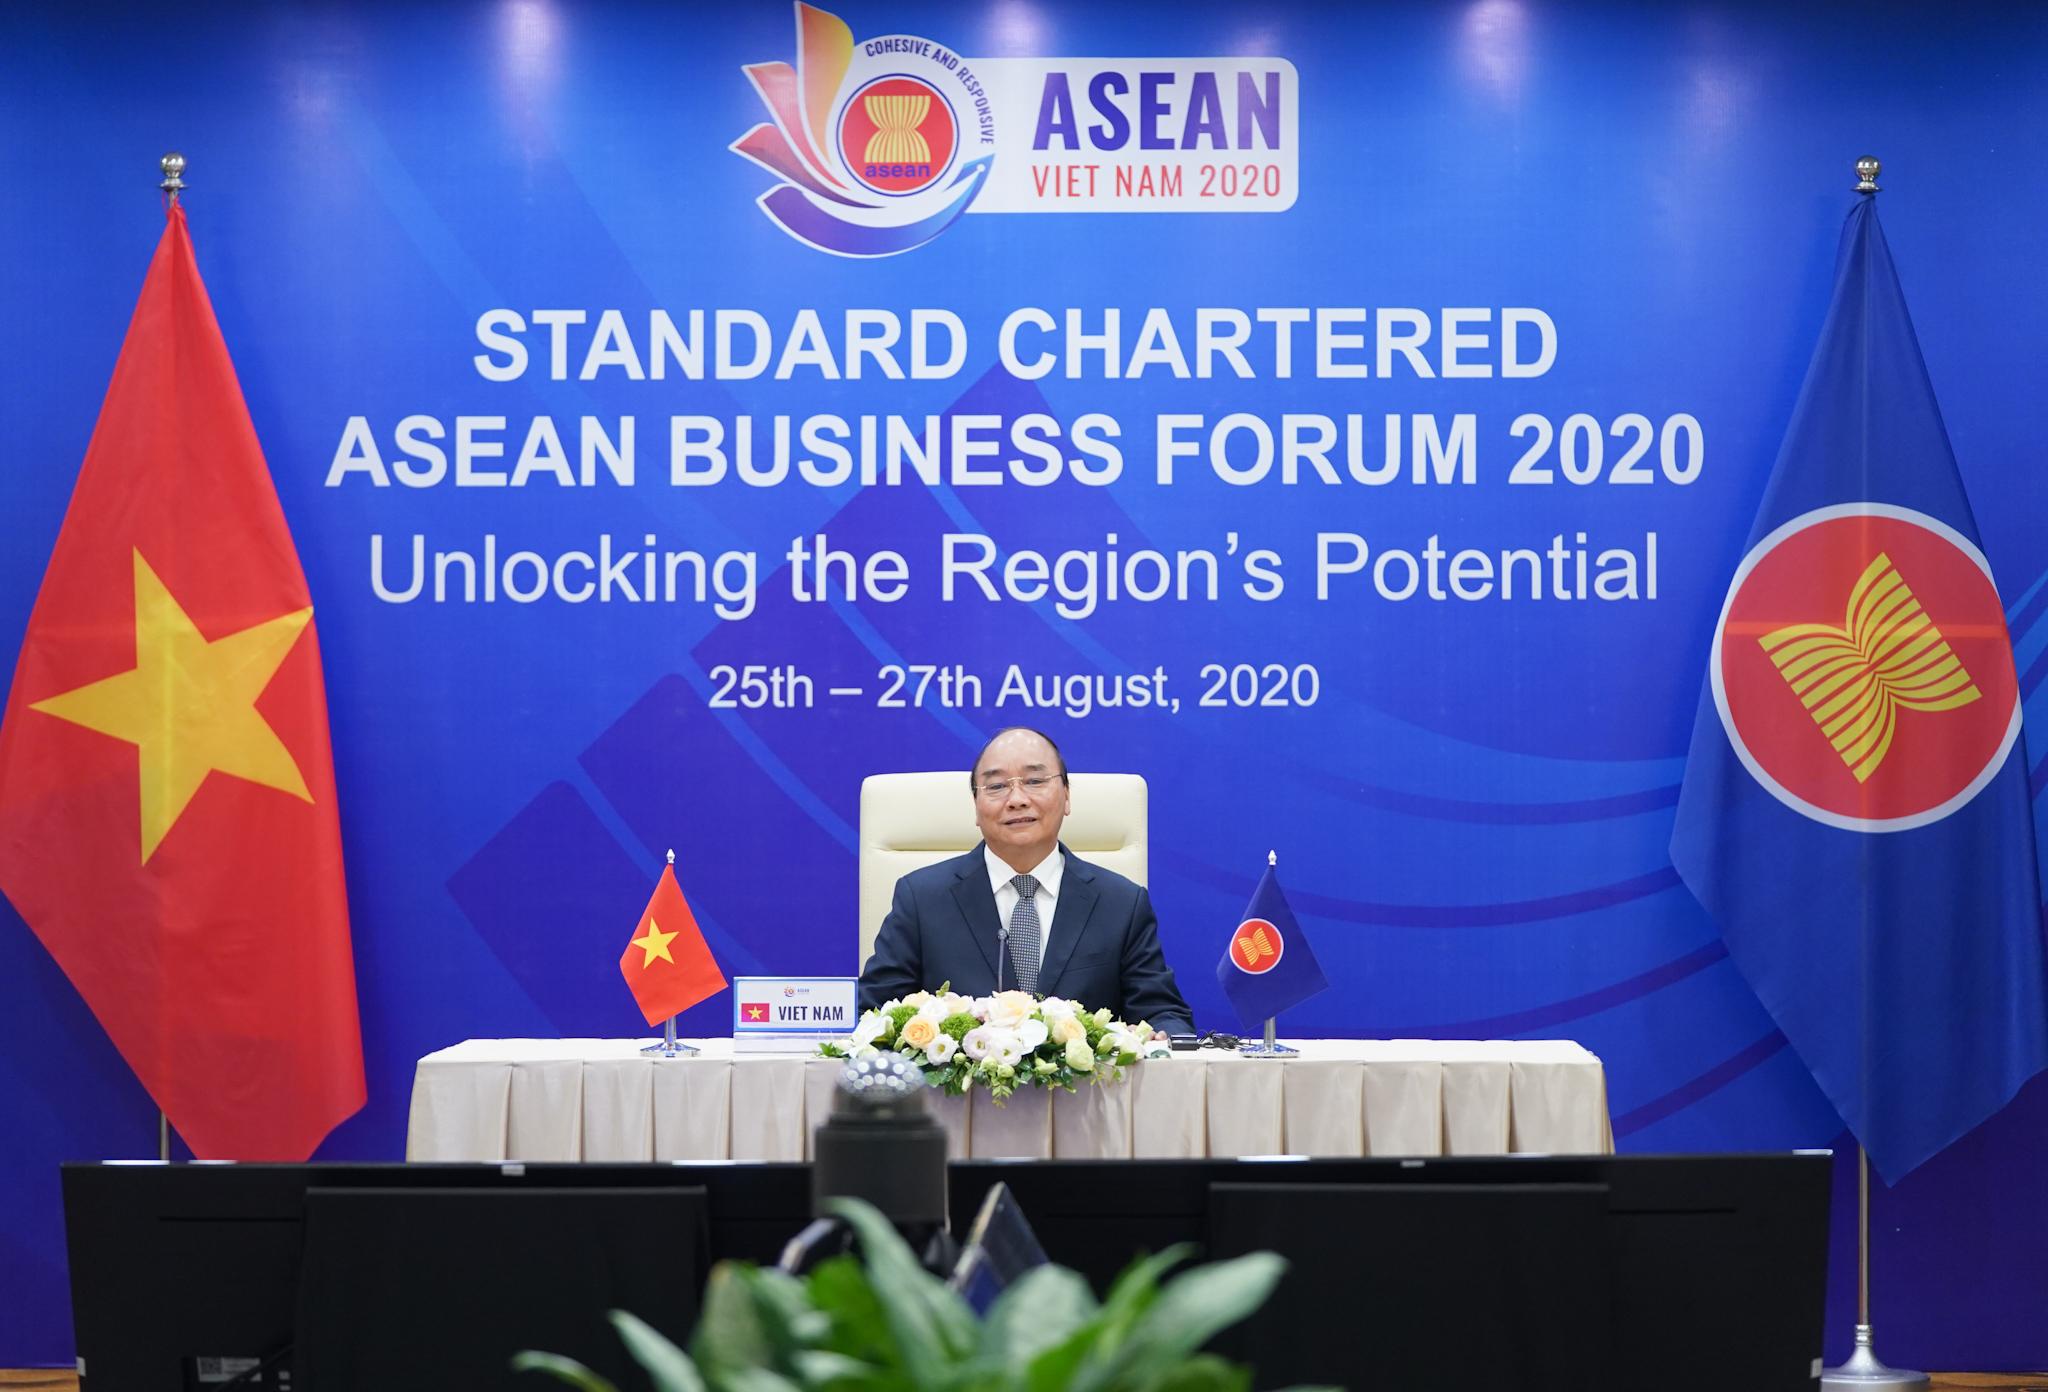 Thủ tướng Nguyễn Xuân Phúc phát biểu khai mạc tại Diễn đàn Kinh doanh ASEAN 2020 - Ảnh: VGP/Quang Hiếu